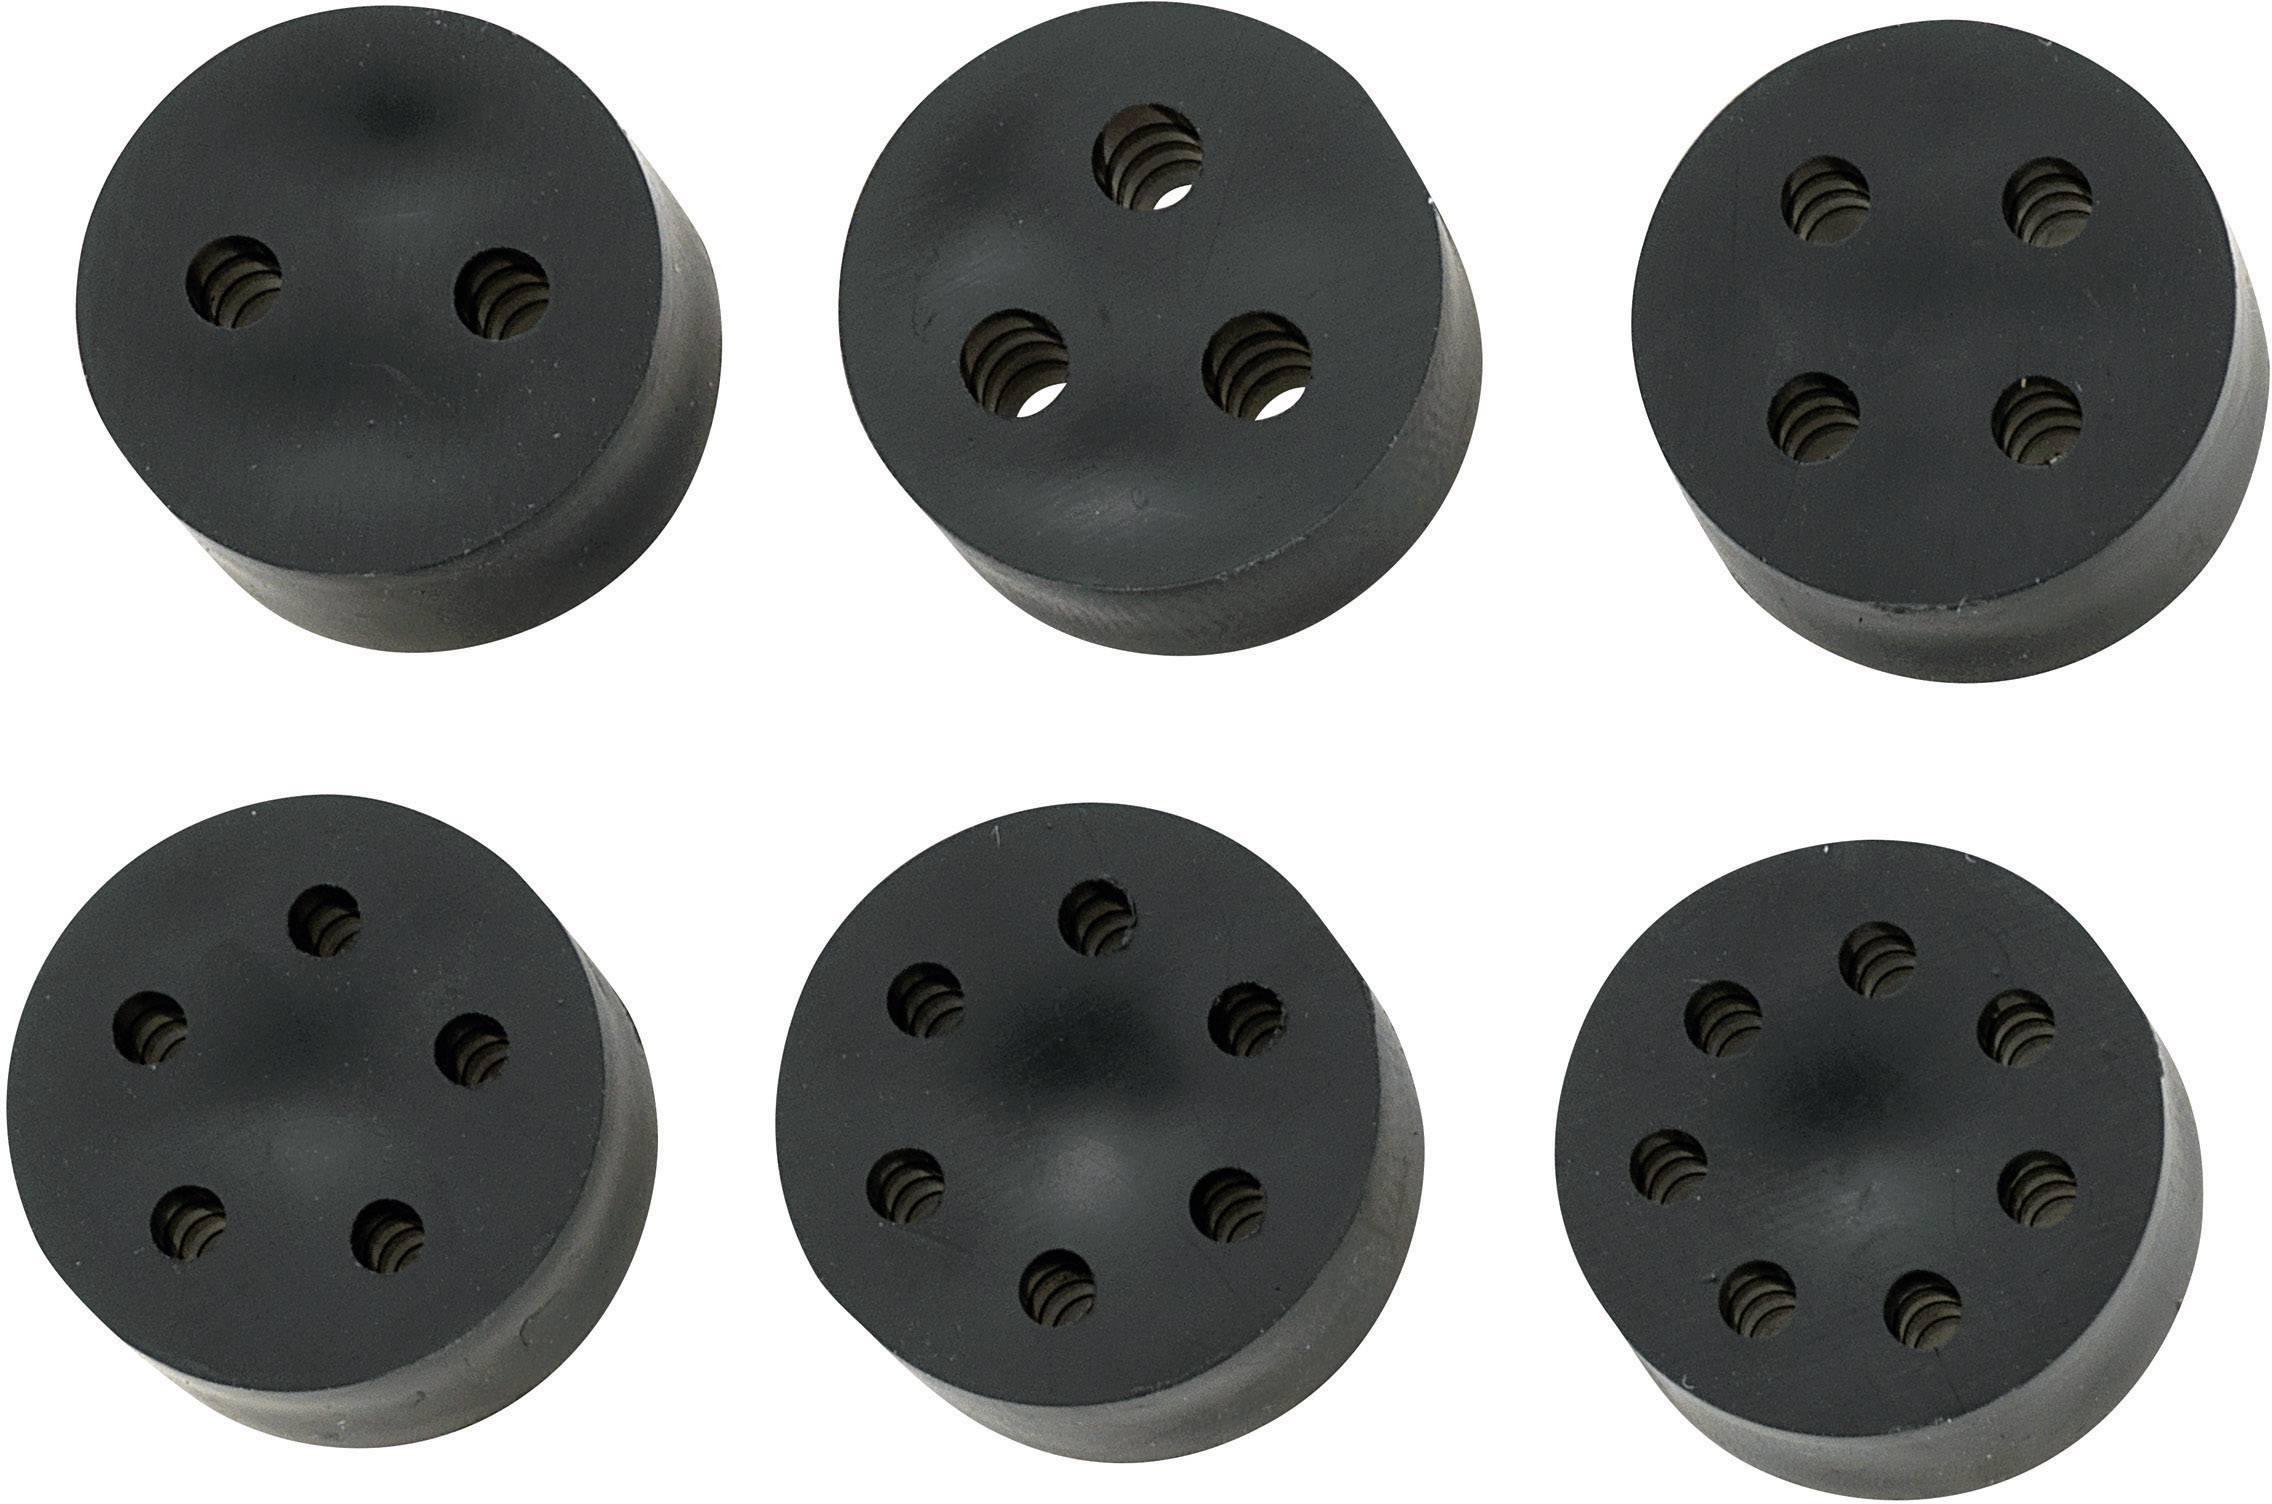 Tesniaca vložka s viacerými priechodmi KSS MH23-3B, PG21, guma, 1 ks